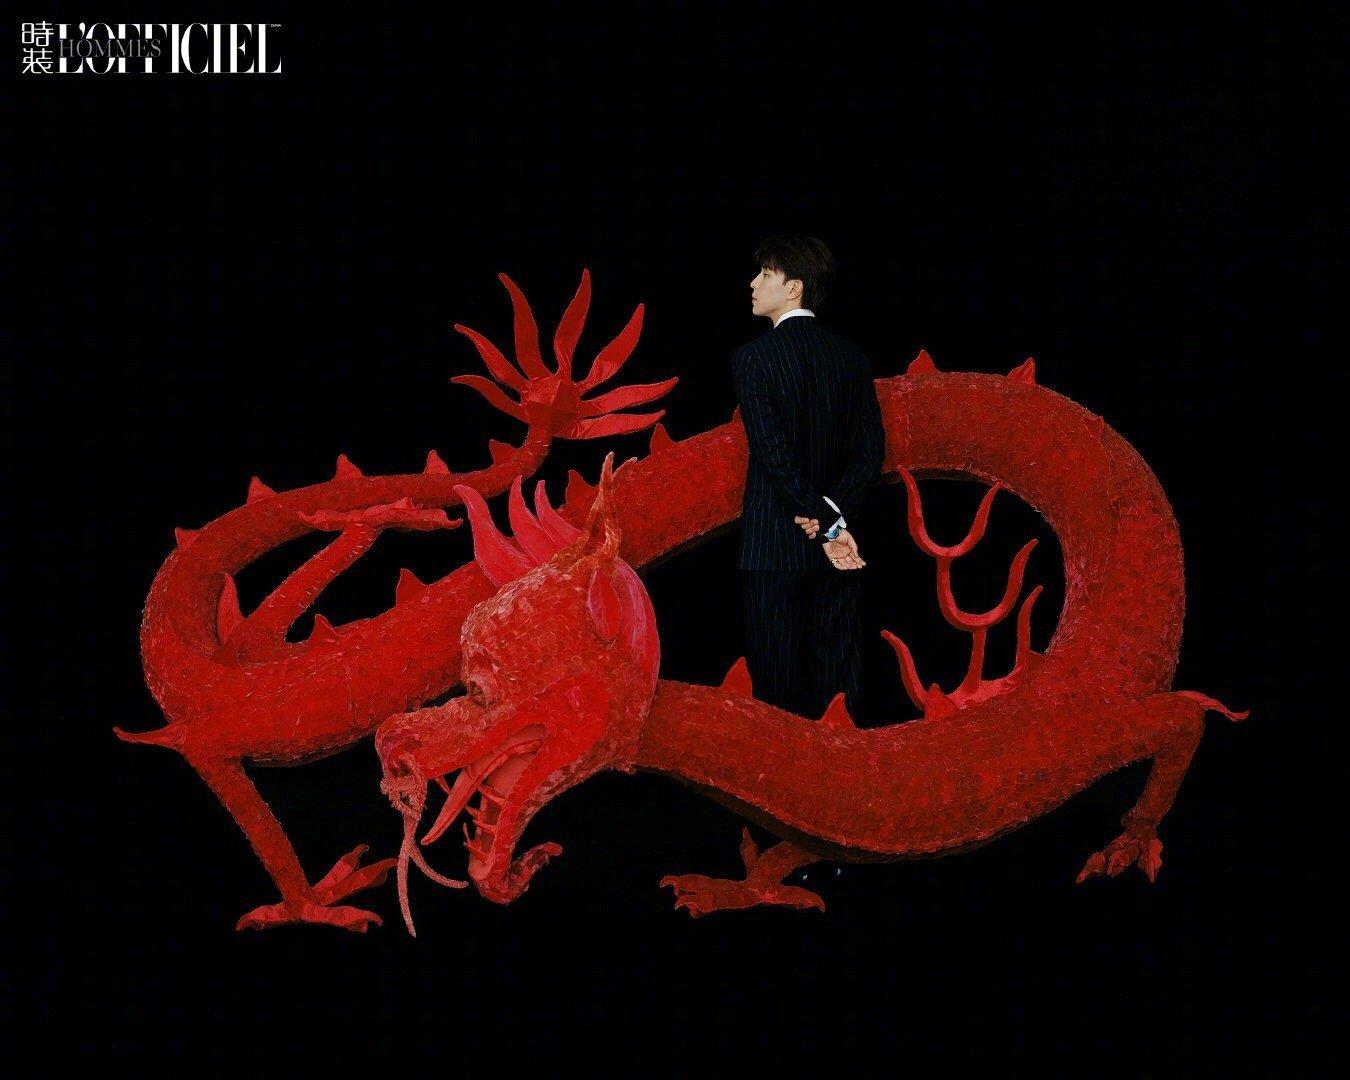 邓伦 时装男士11月封面大片 抽象的花朵和龙的图腾元素十分高级素雅